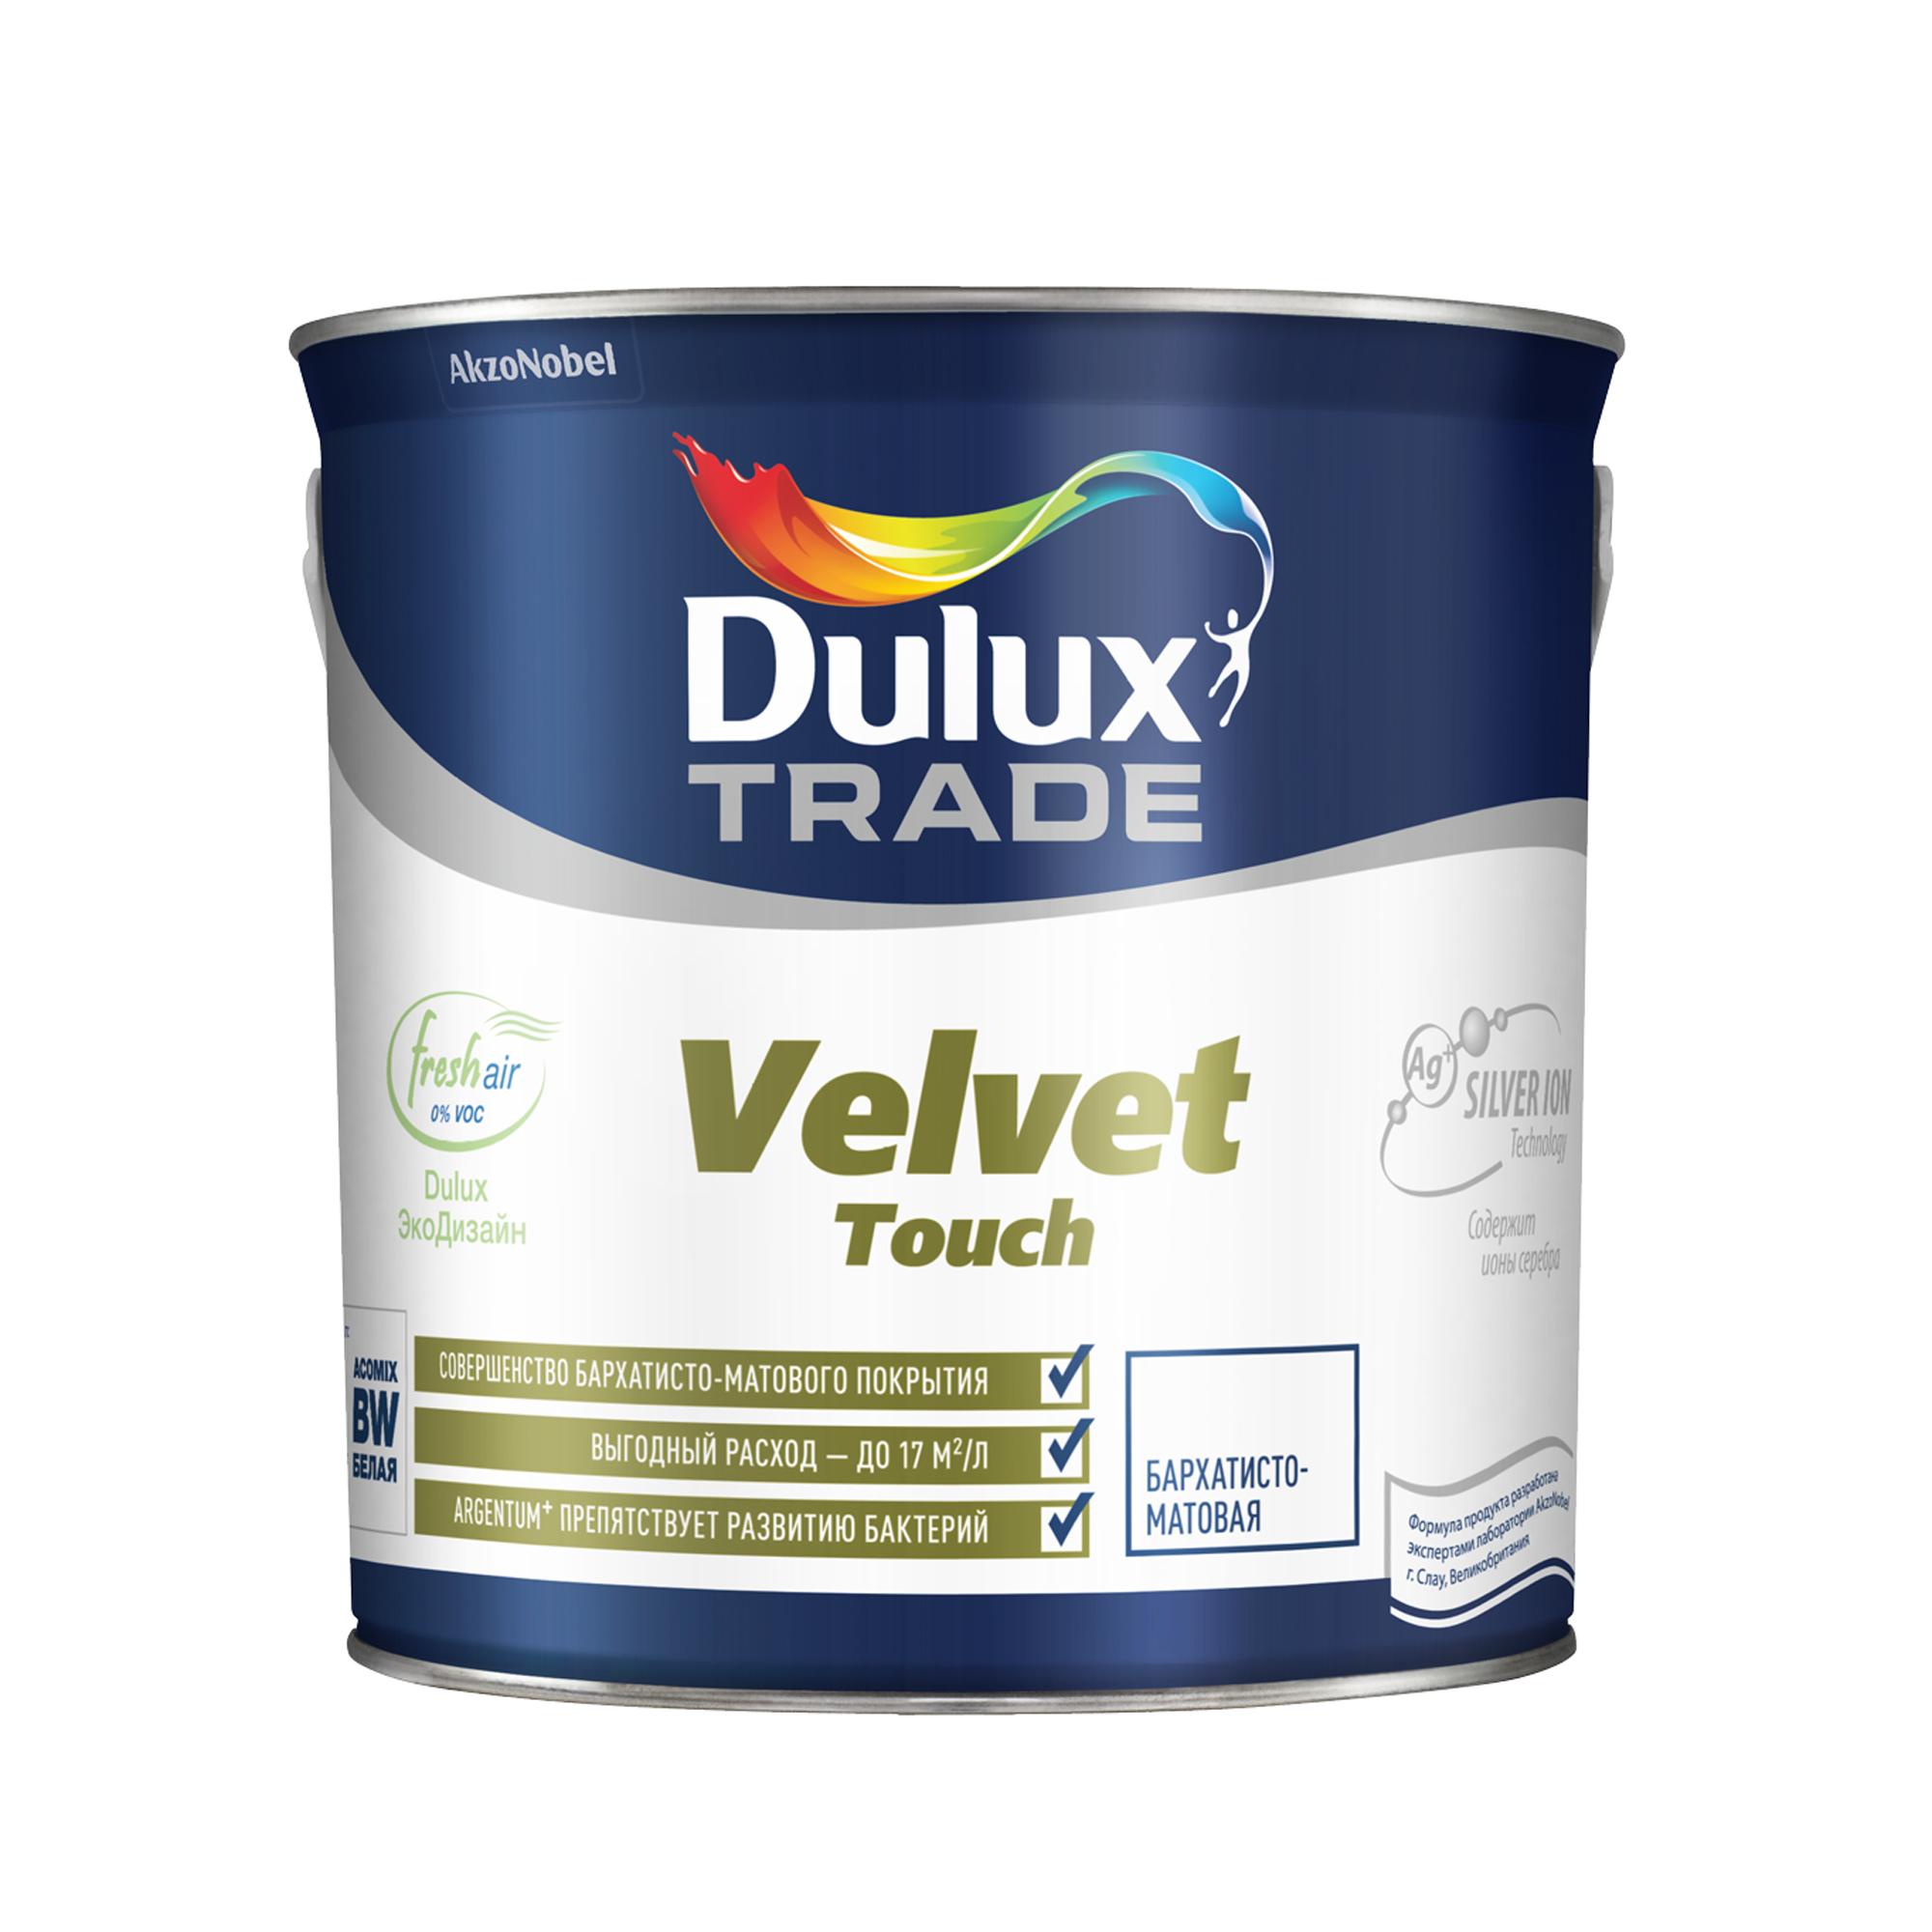 Купить Краска для внутренних работ Dulux Velvet Touch белая, 2, 25 л, Дюлакс/Dulux, Россия, белый